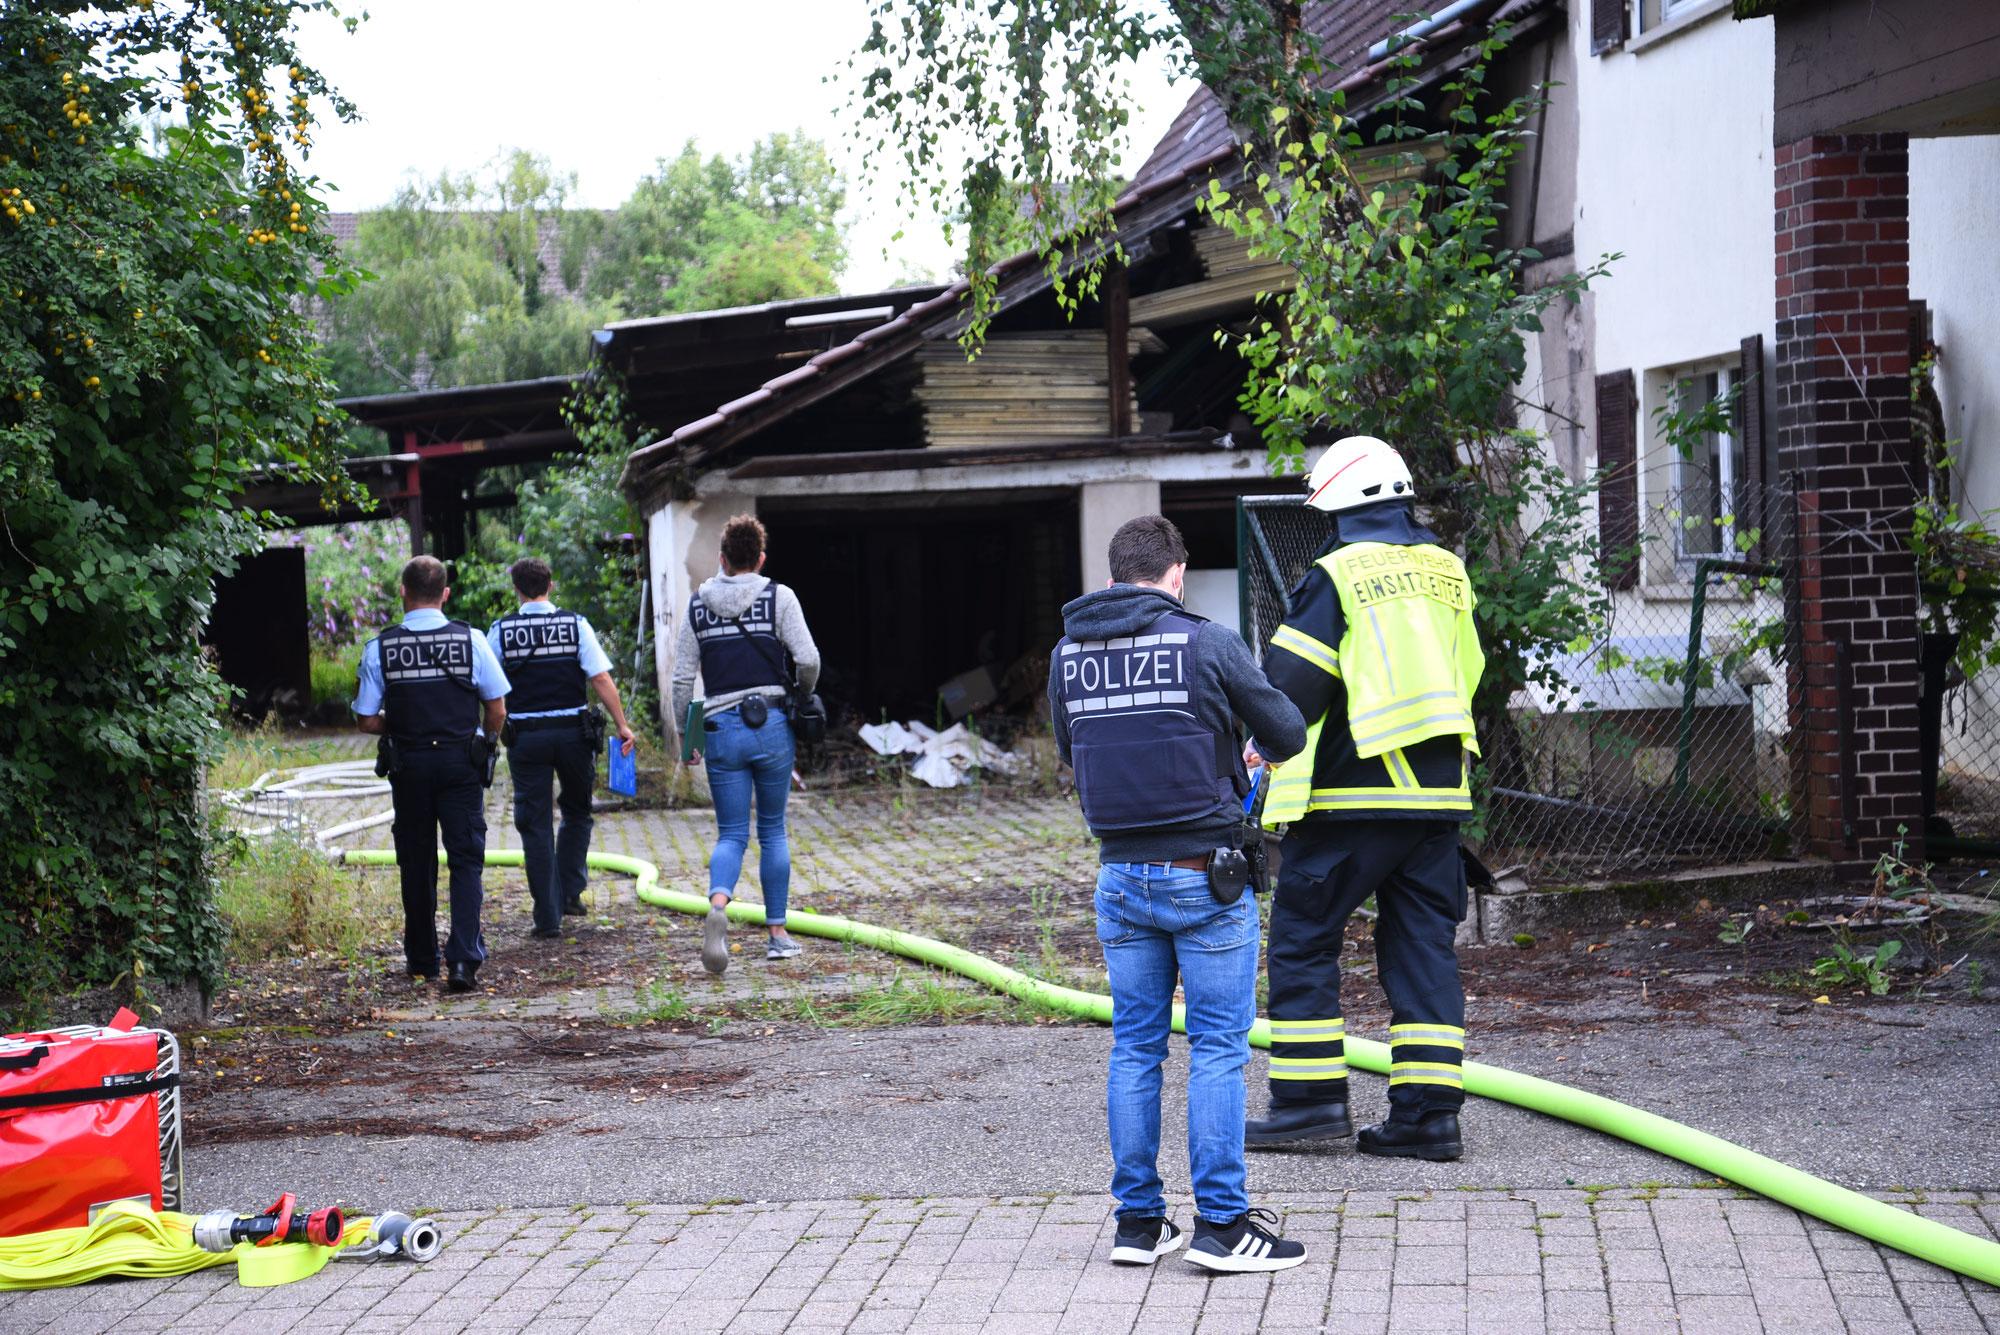 Brand eines landwirtschaftlichen Gebäudes - Ursache unklar -  Kripo ermittelt - Zeugen gesucht